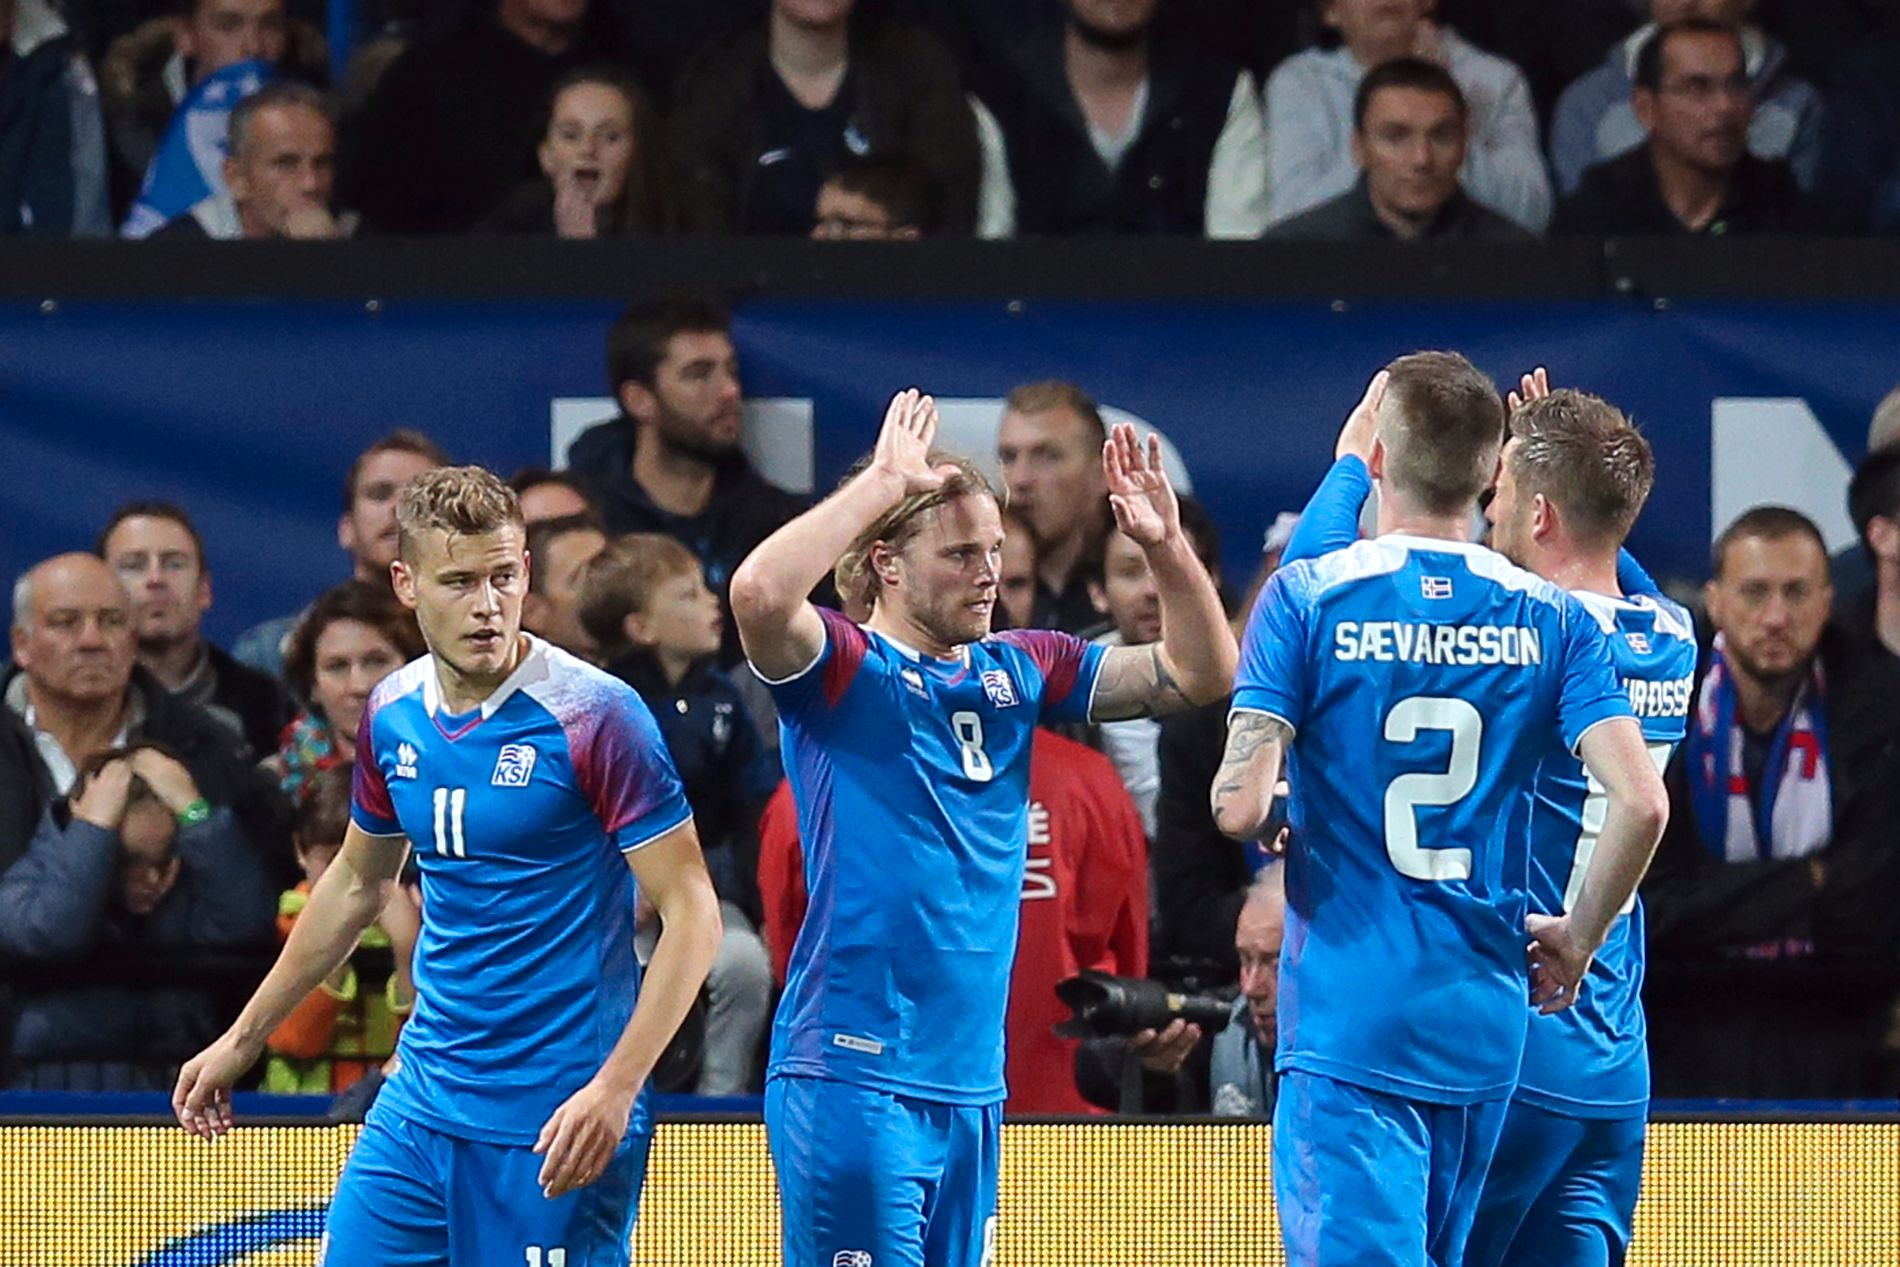 Birkir Bjarnason feirer det første islandske målet i Guingamp, der franskmennene til slutt reddet uavgjort rett før slutt.